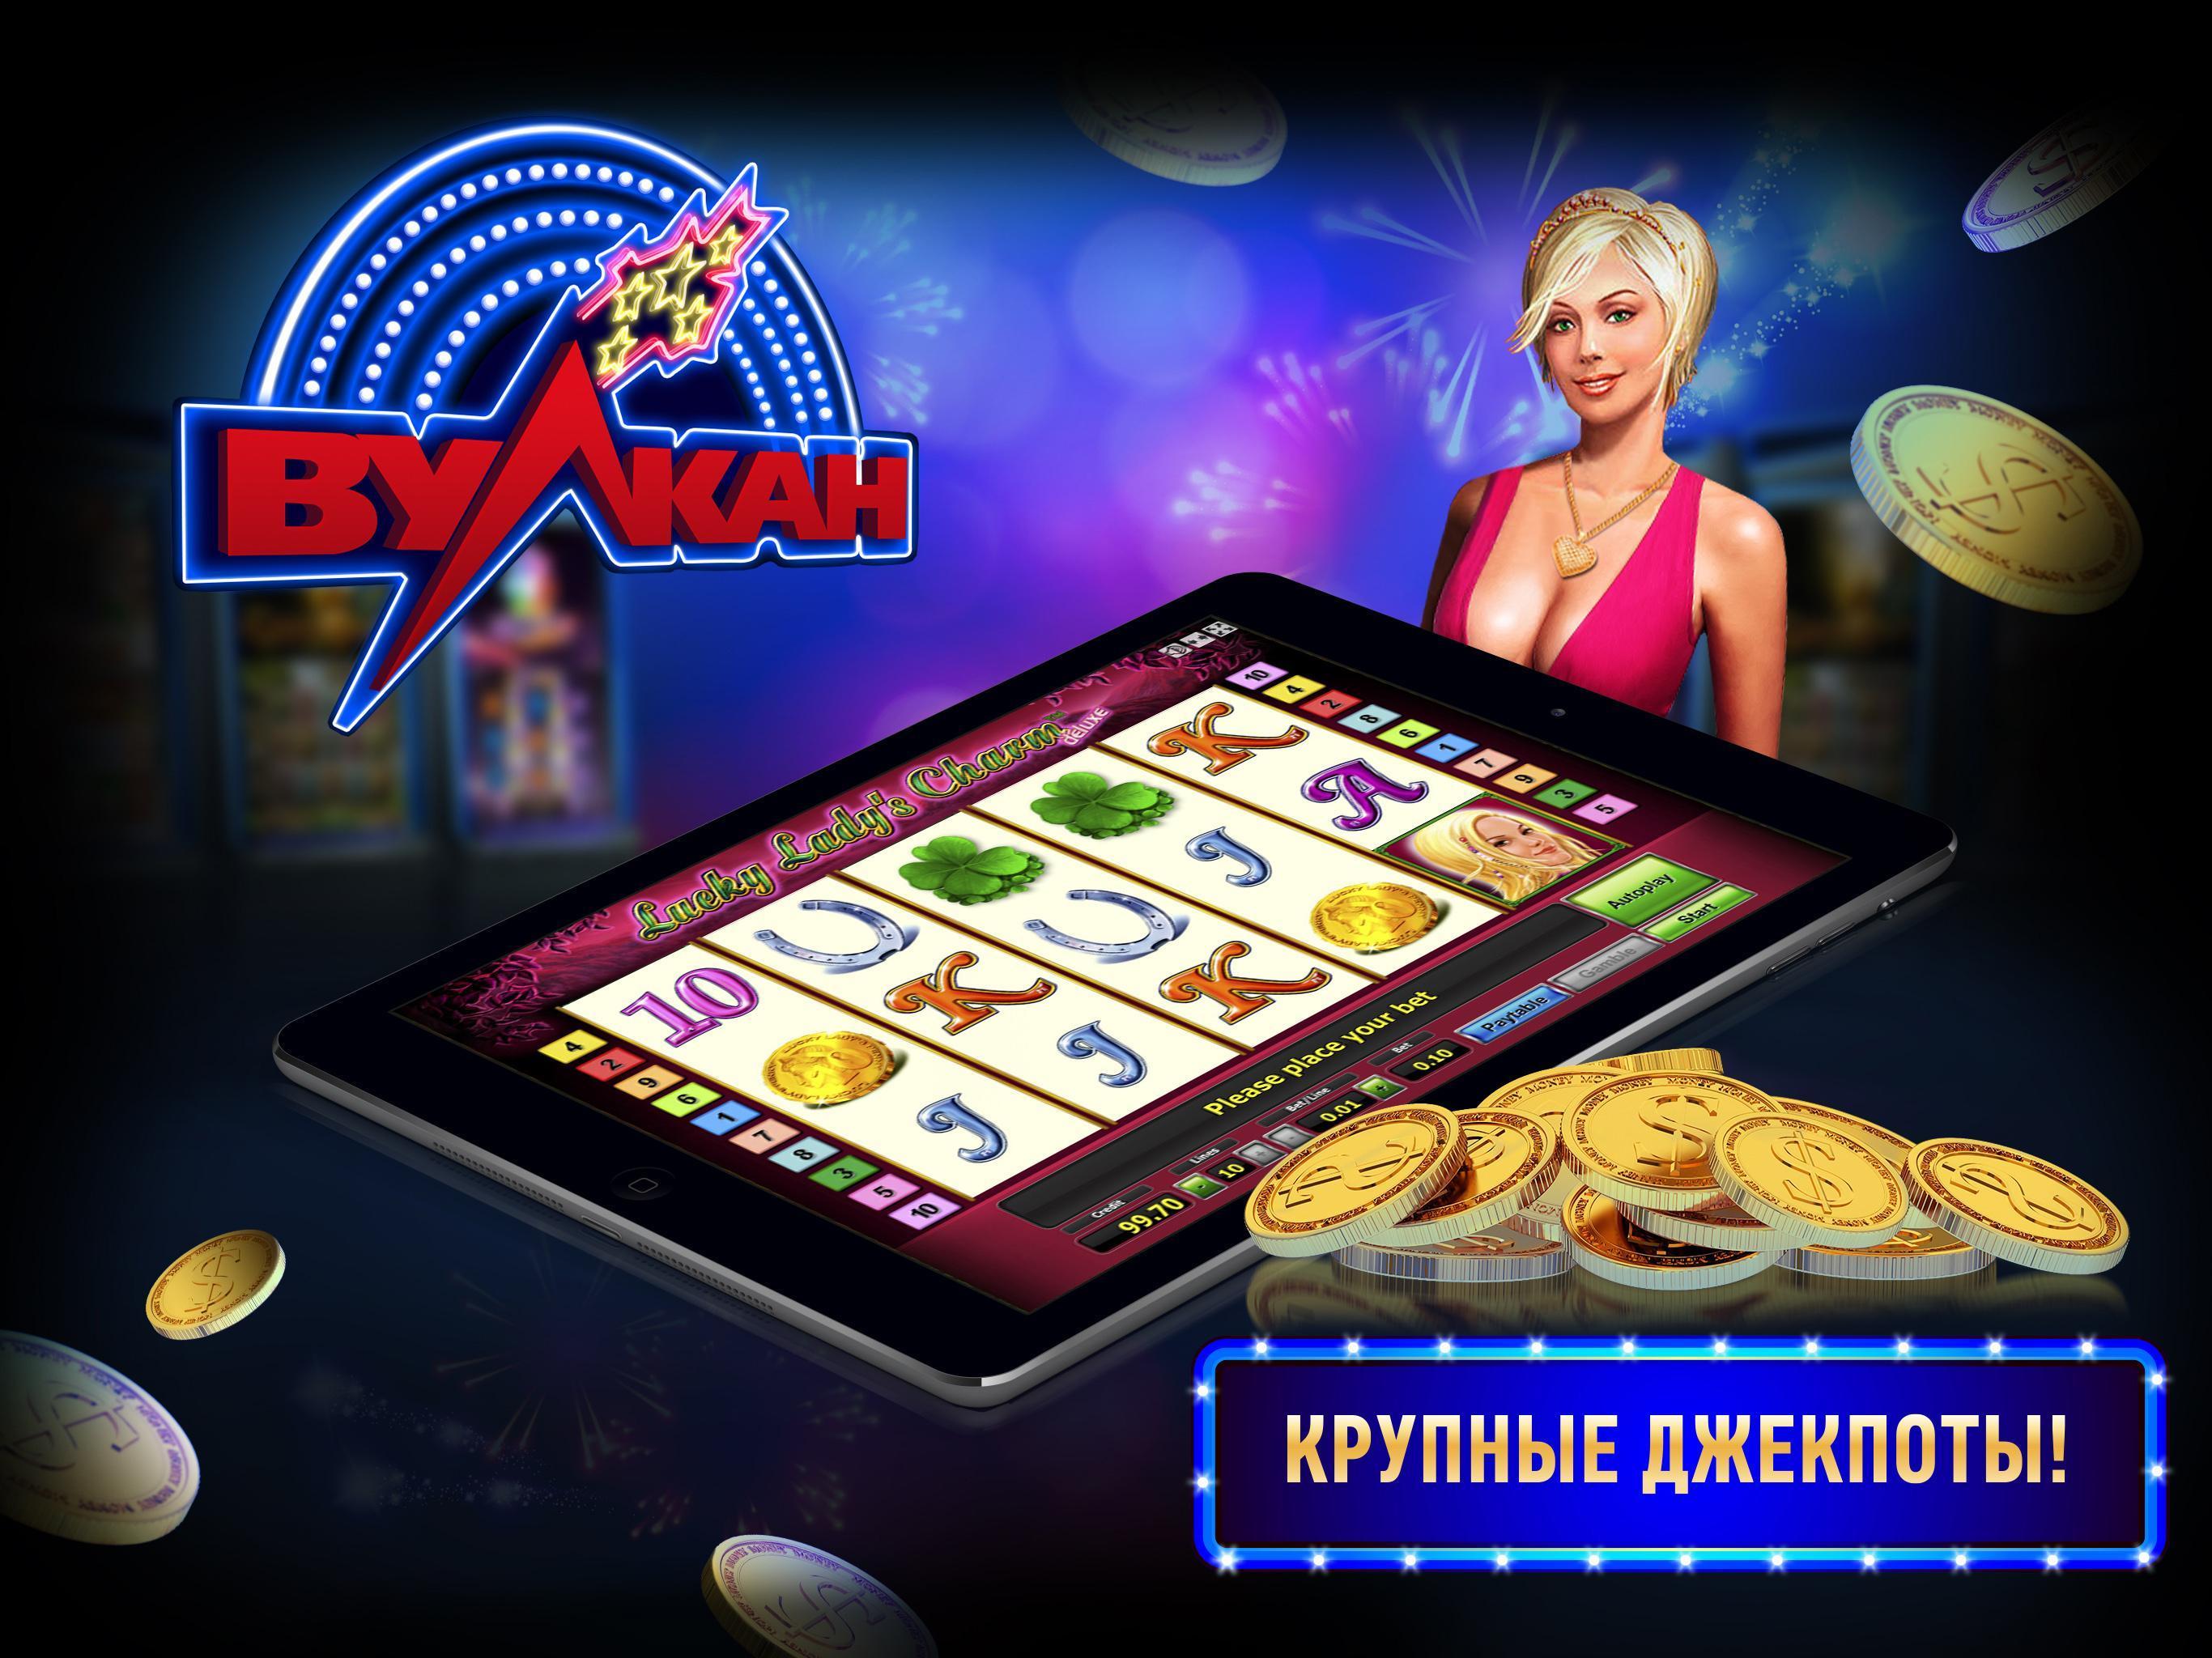 Vylkan.com игровые автоматы игровые автоматы б у киев